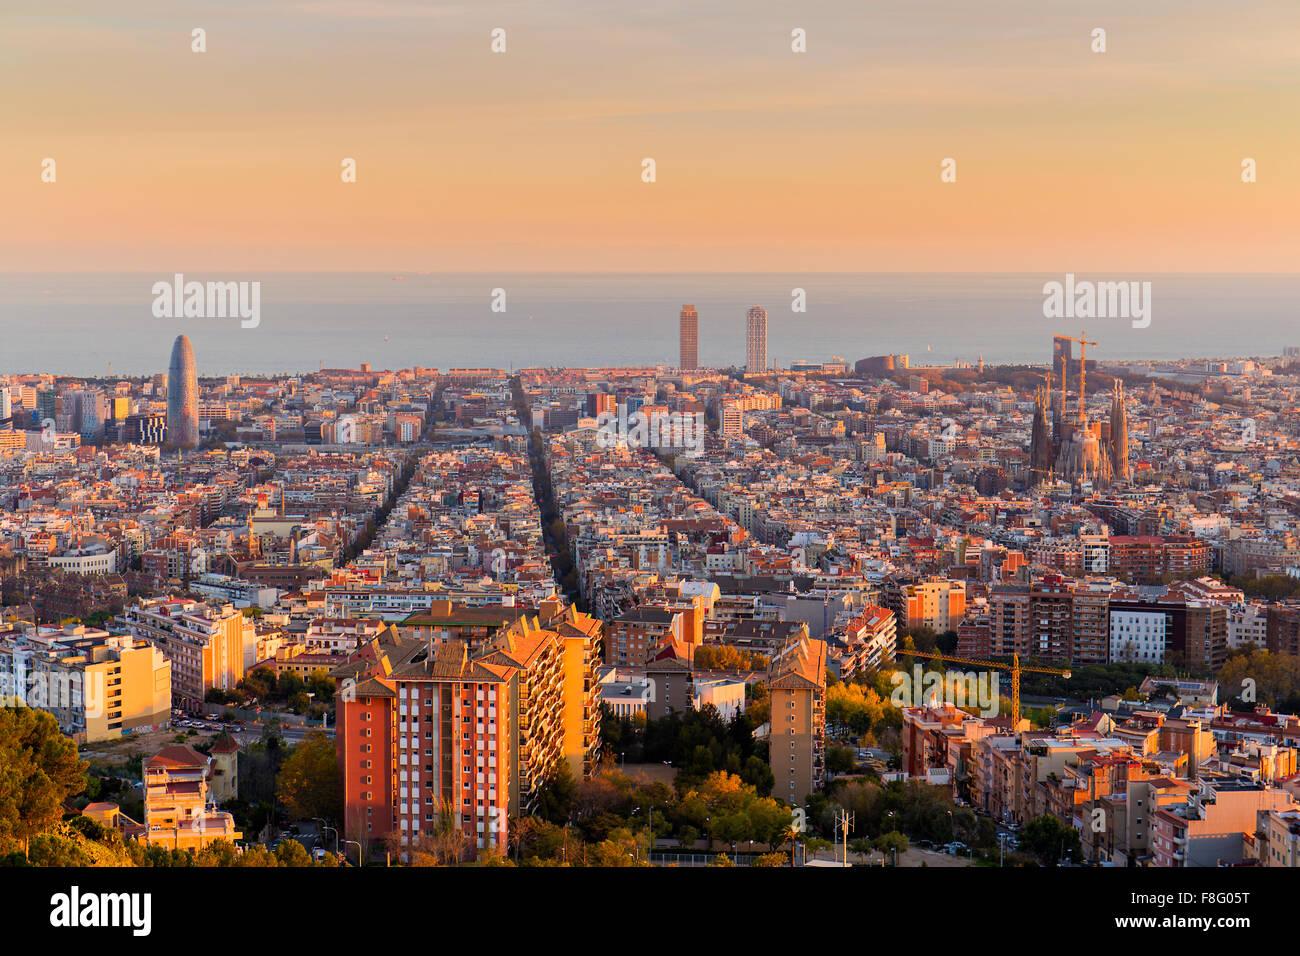 Les toits de Barcelone dans l'après-midi à l'heure d'Or Banque D'Images